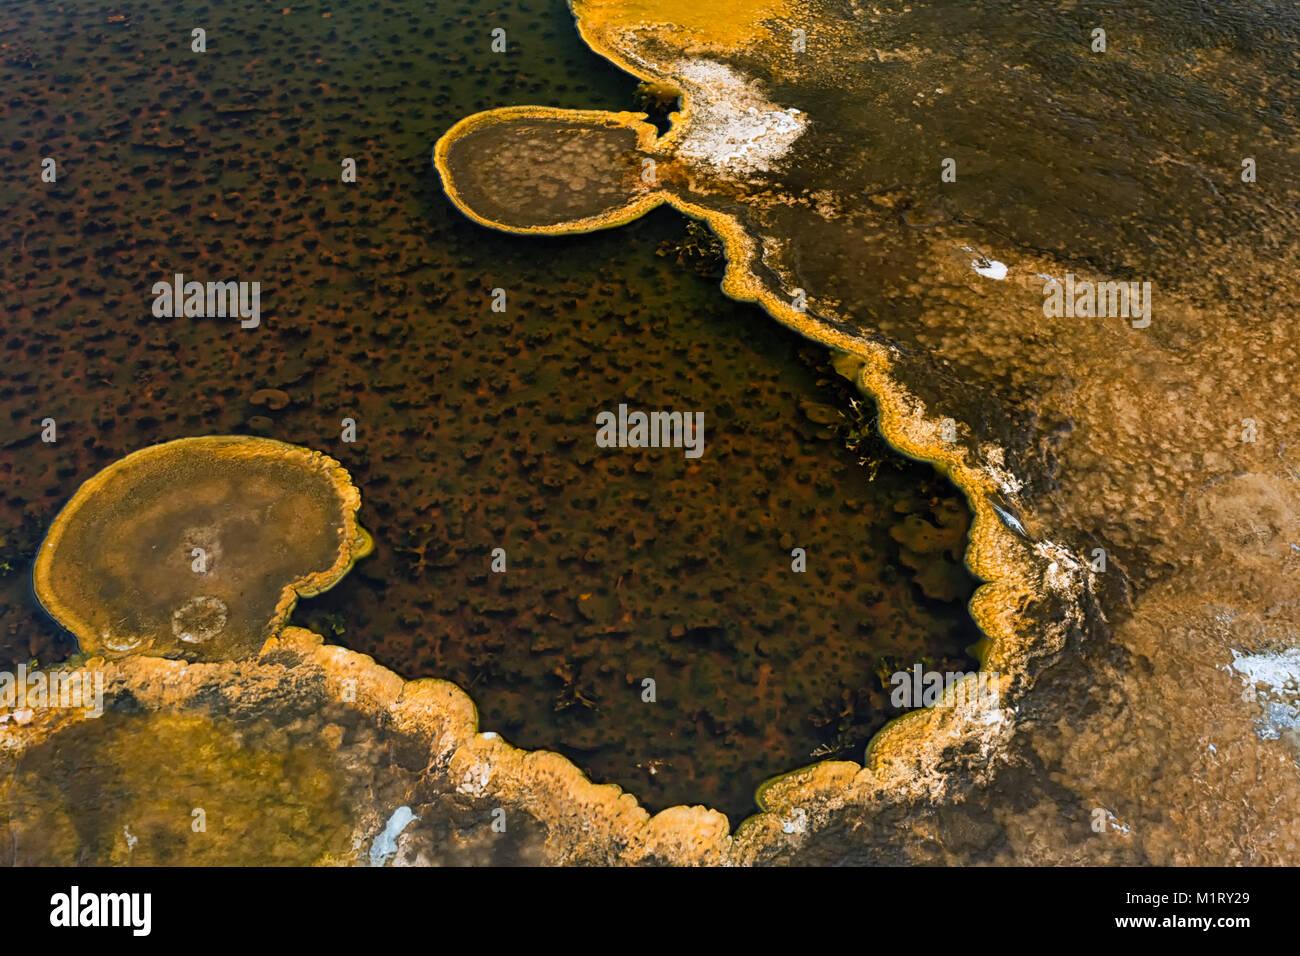 Algea ama el agua caliente de resortes de alimentación térmica y crecer en el agua de una piscina un poco más profunda. Foto de stock